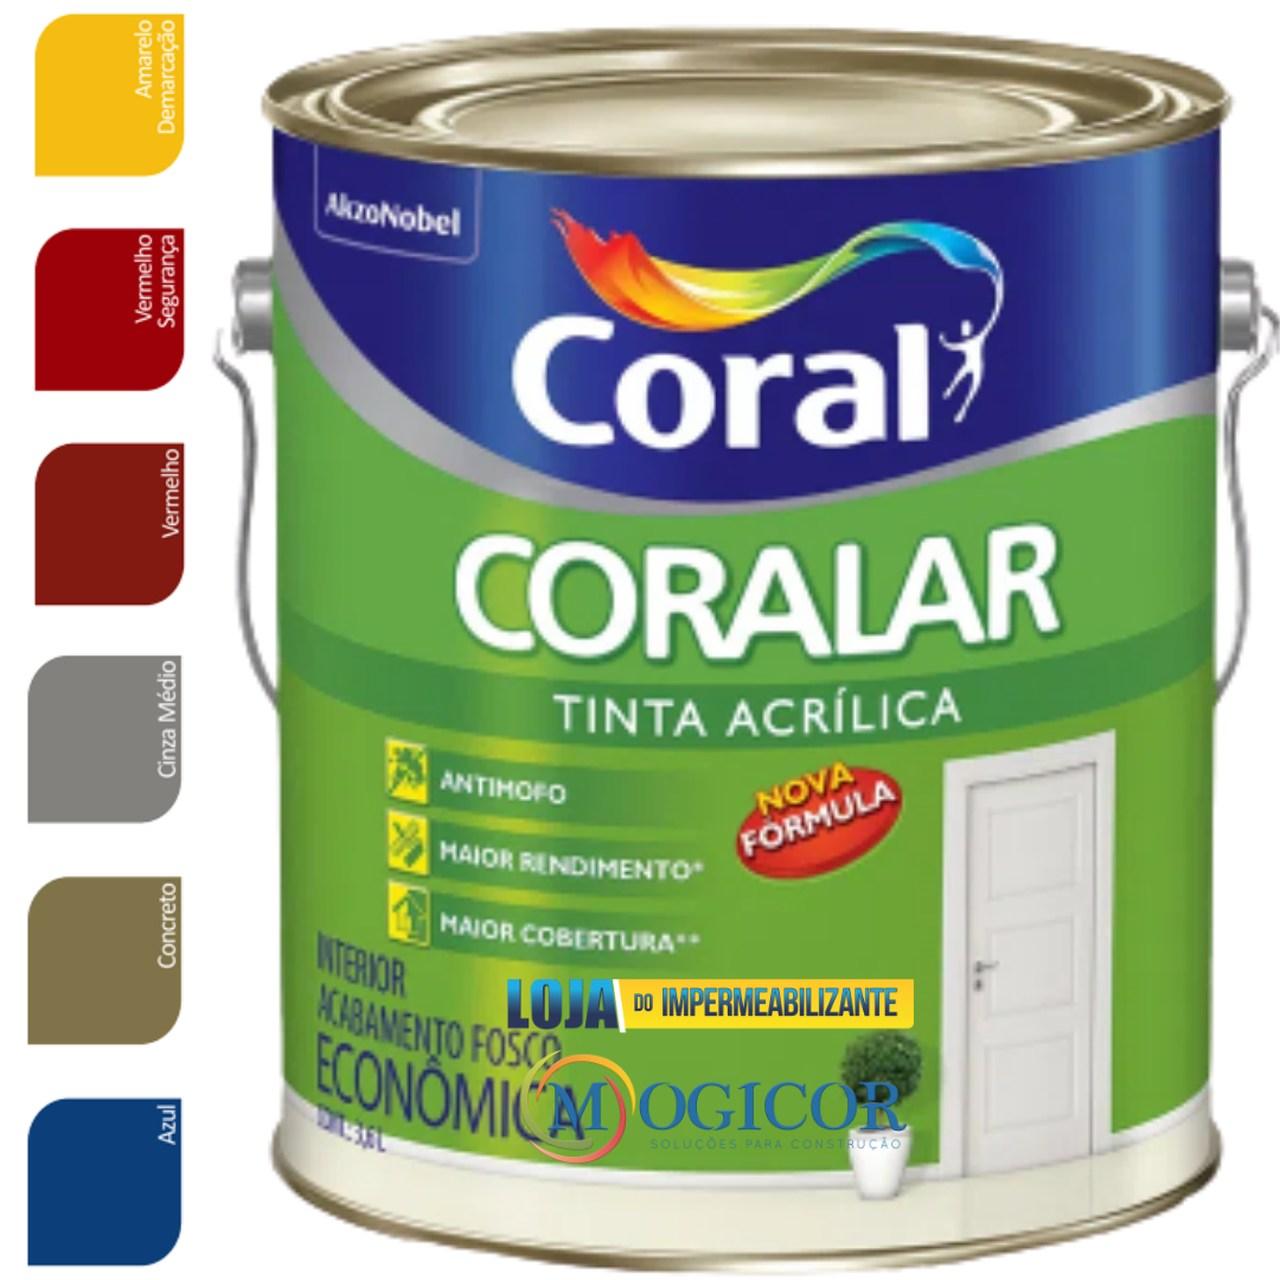 Tinta Acrílica Coral Coralar 3,6 Litros - Cores